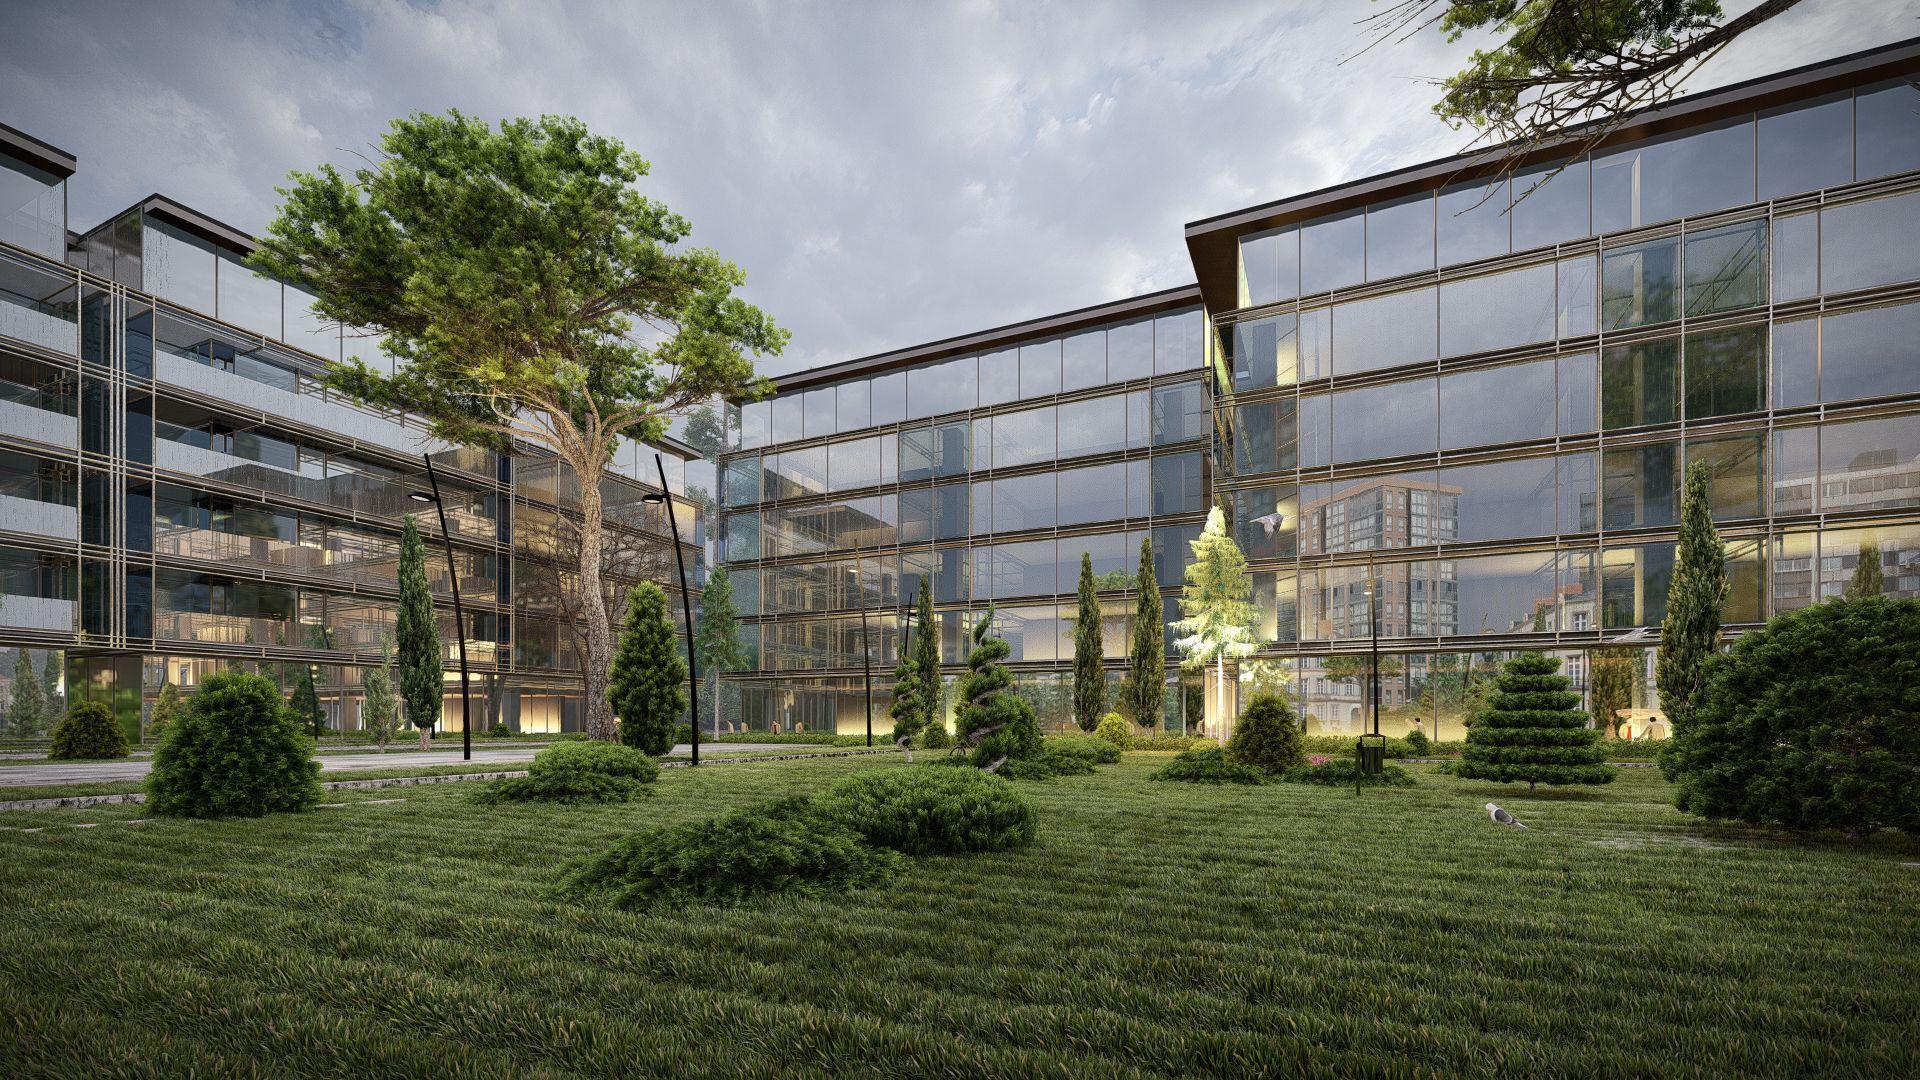 arhitektuurne 3d pilt hoone visualiseerimine 152 17